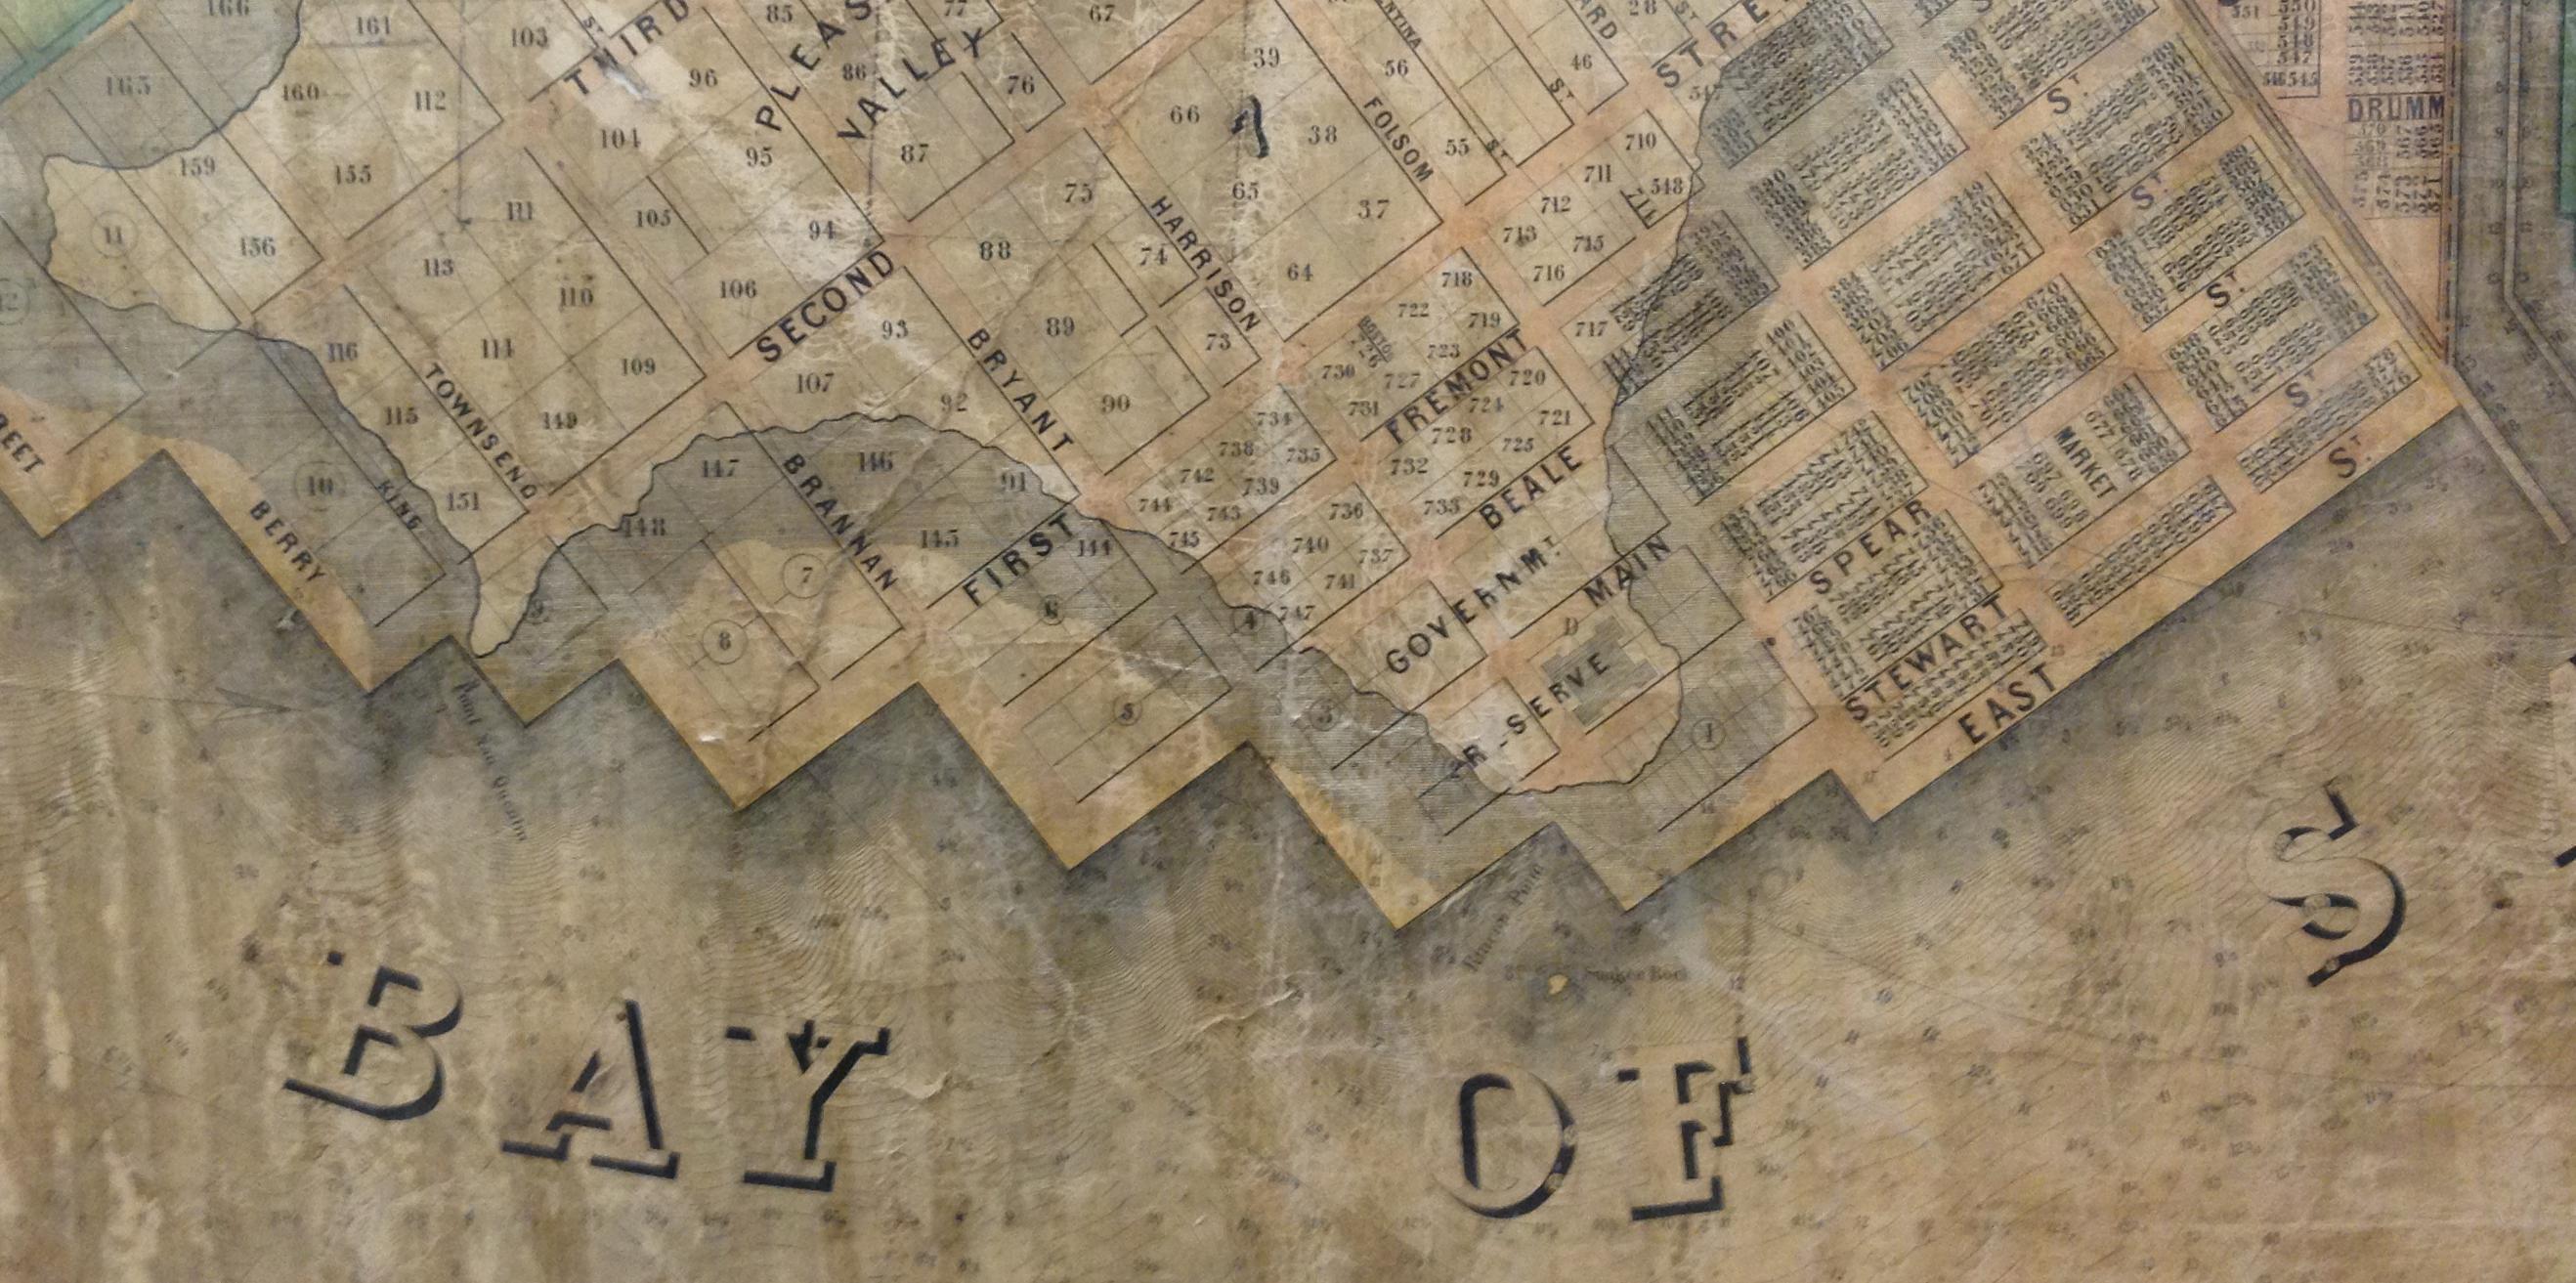 1854 detail